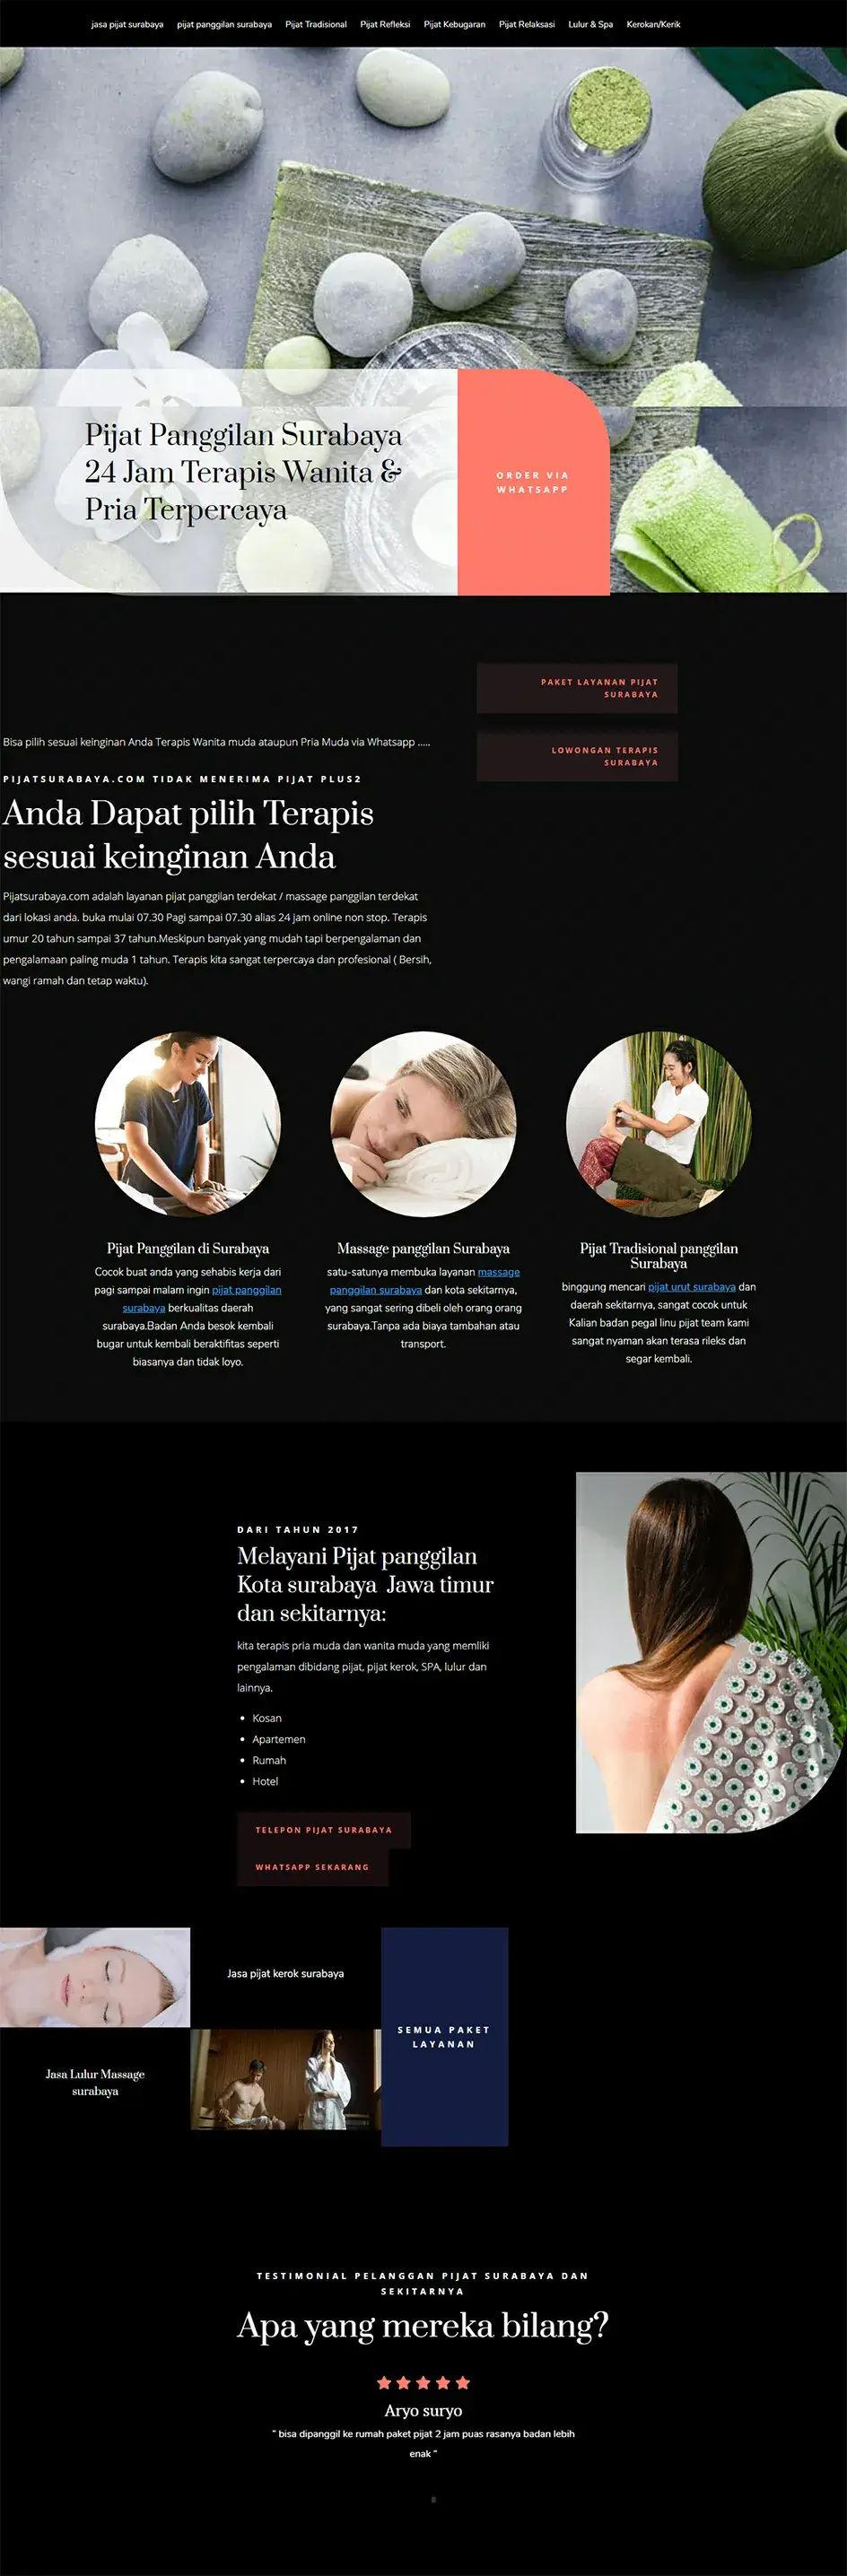 Contoh Landing page Pijat Surabaya yang buka 24 jam Terapis Pria dan Wanita